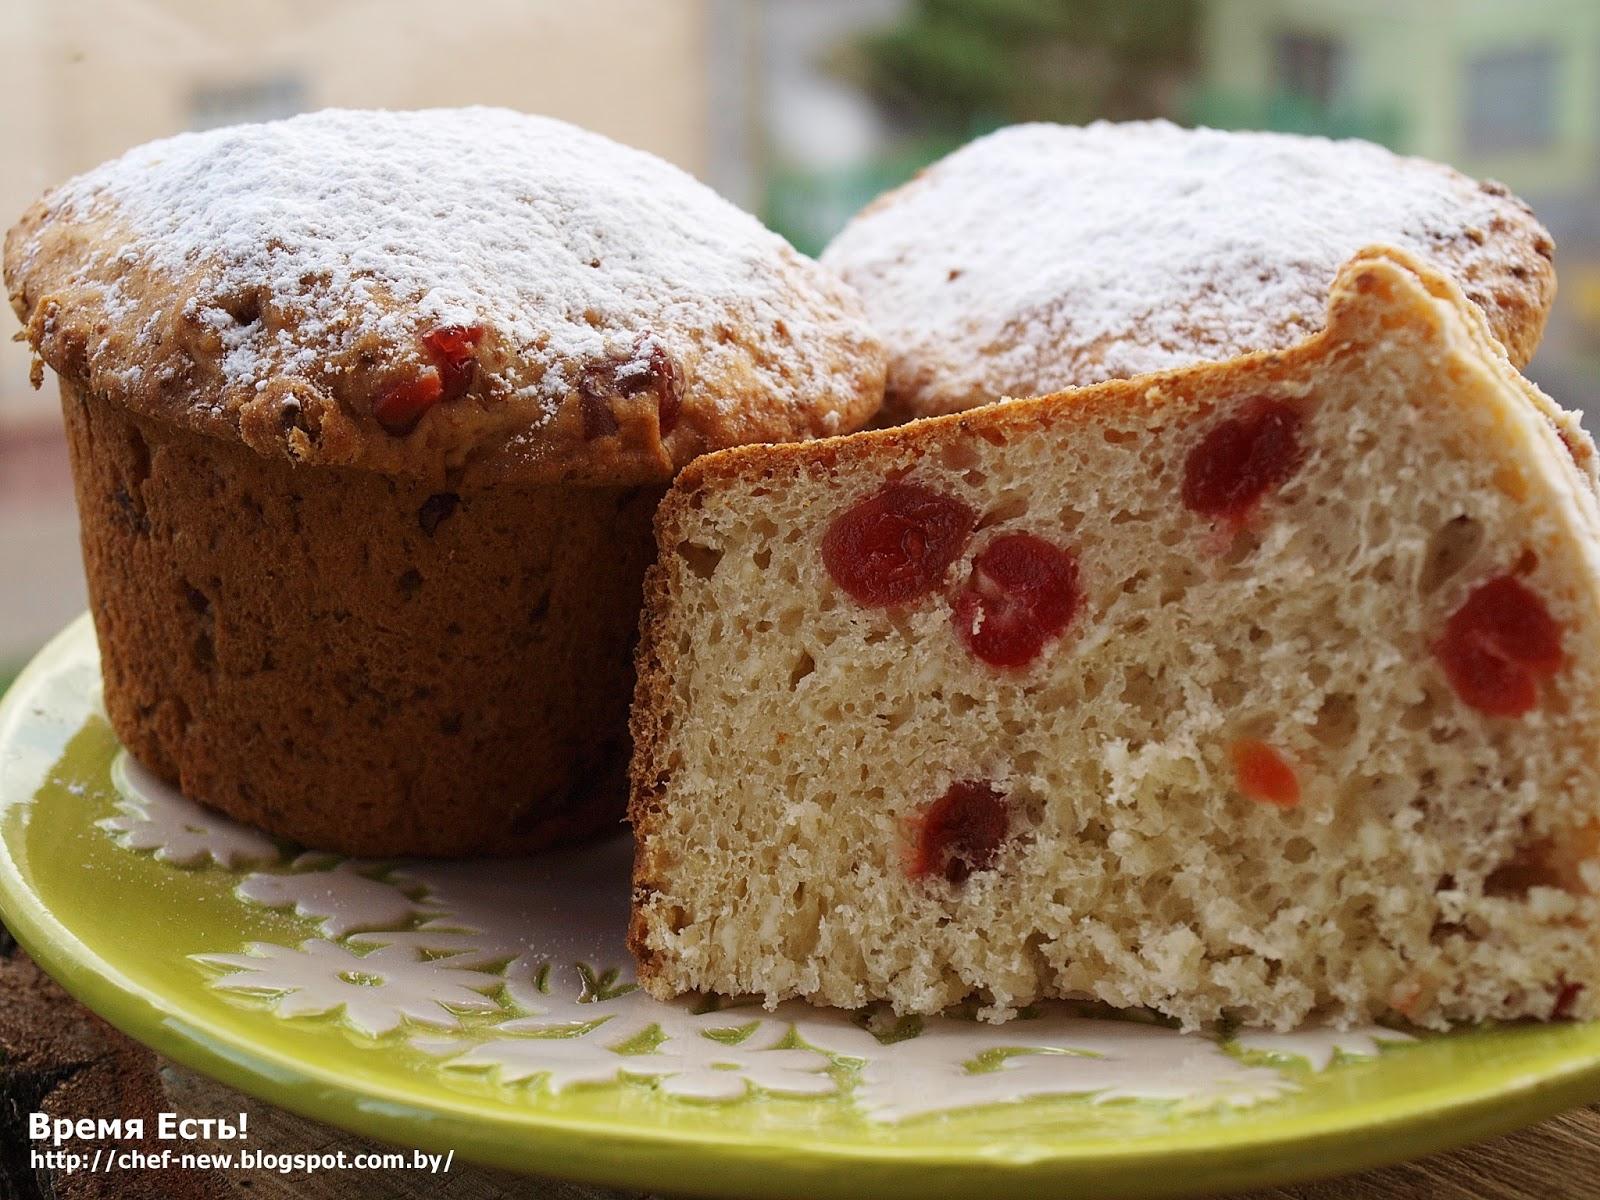 Кулич творожный рецепт с фото пошагово